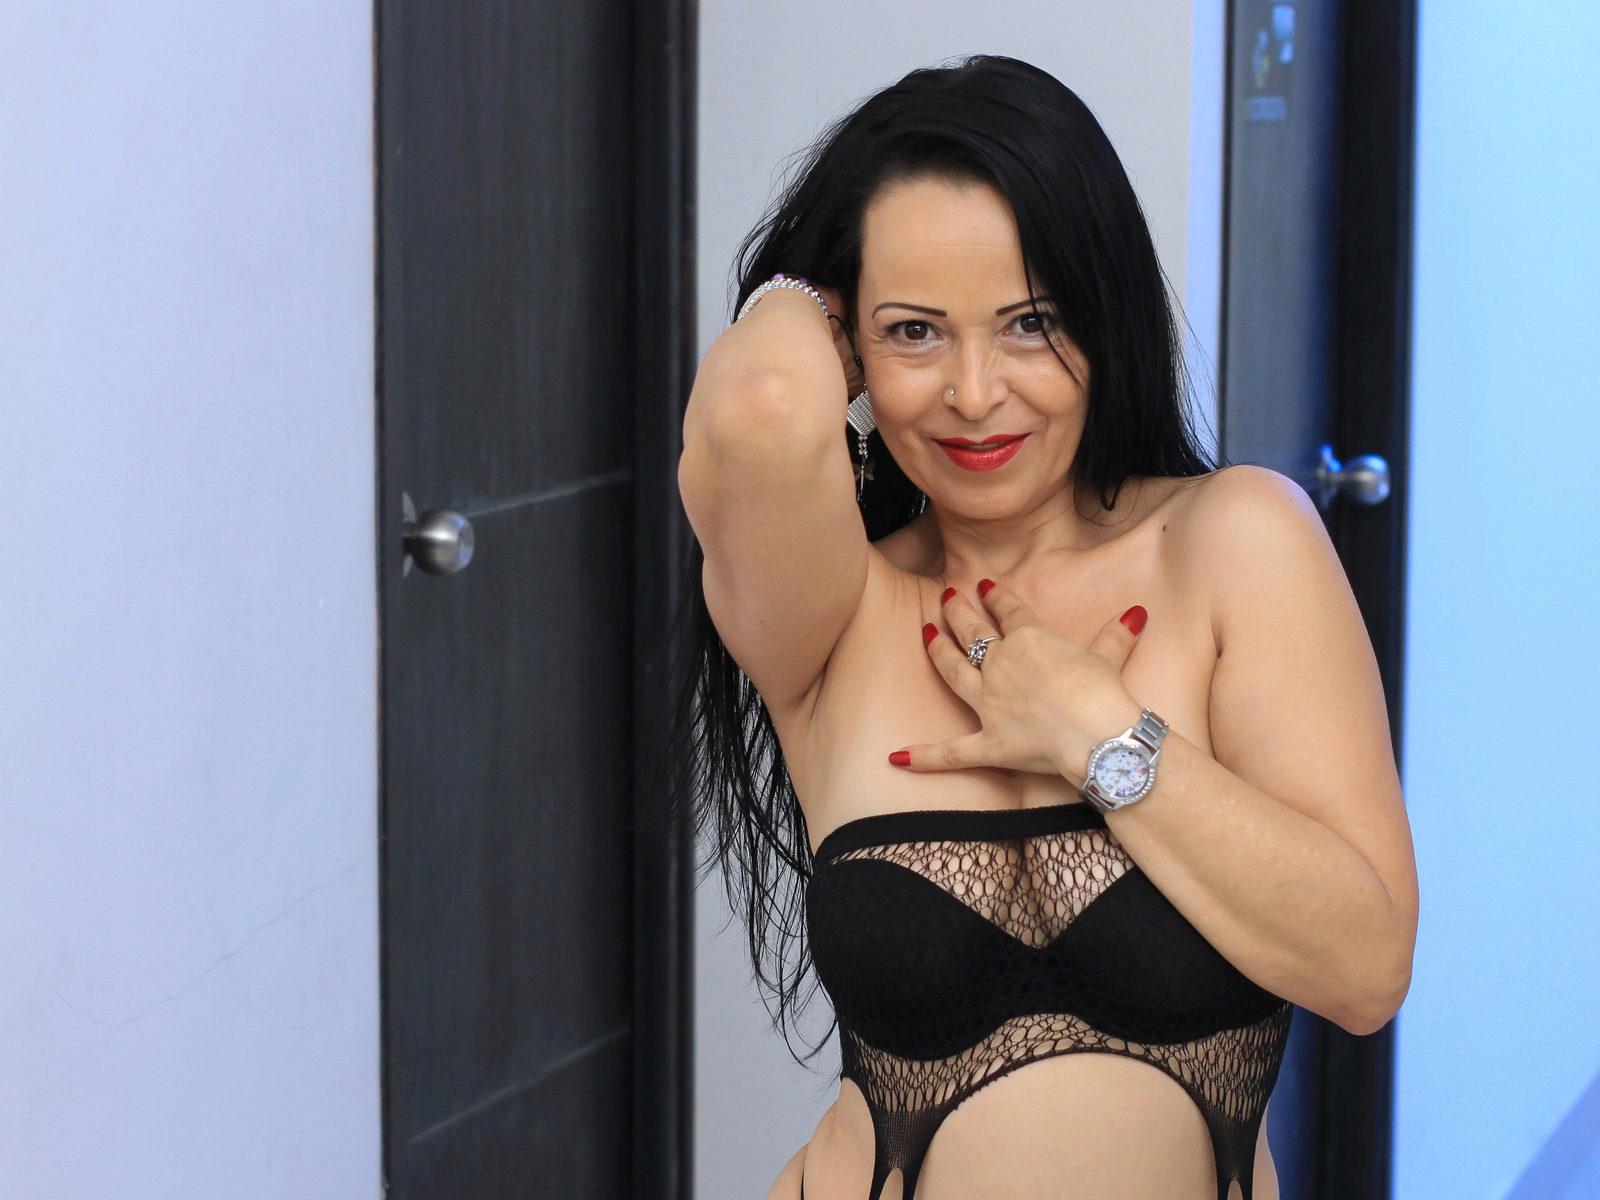 Graciela Villa